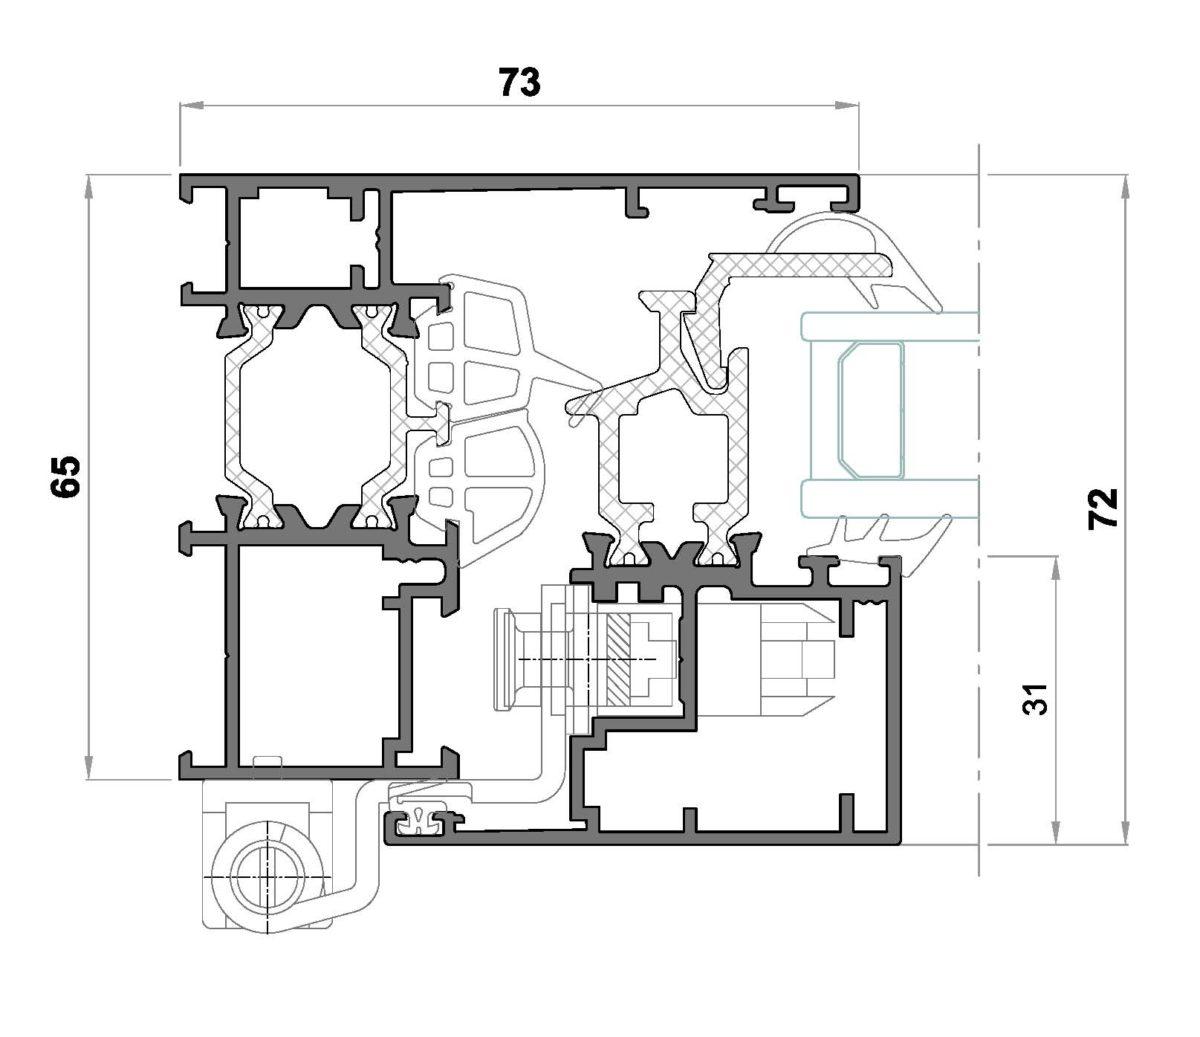 Alg 65 HS C16-Seccion lateral ventana Cerco liso